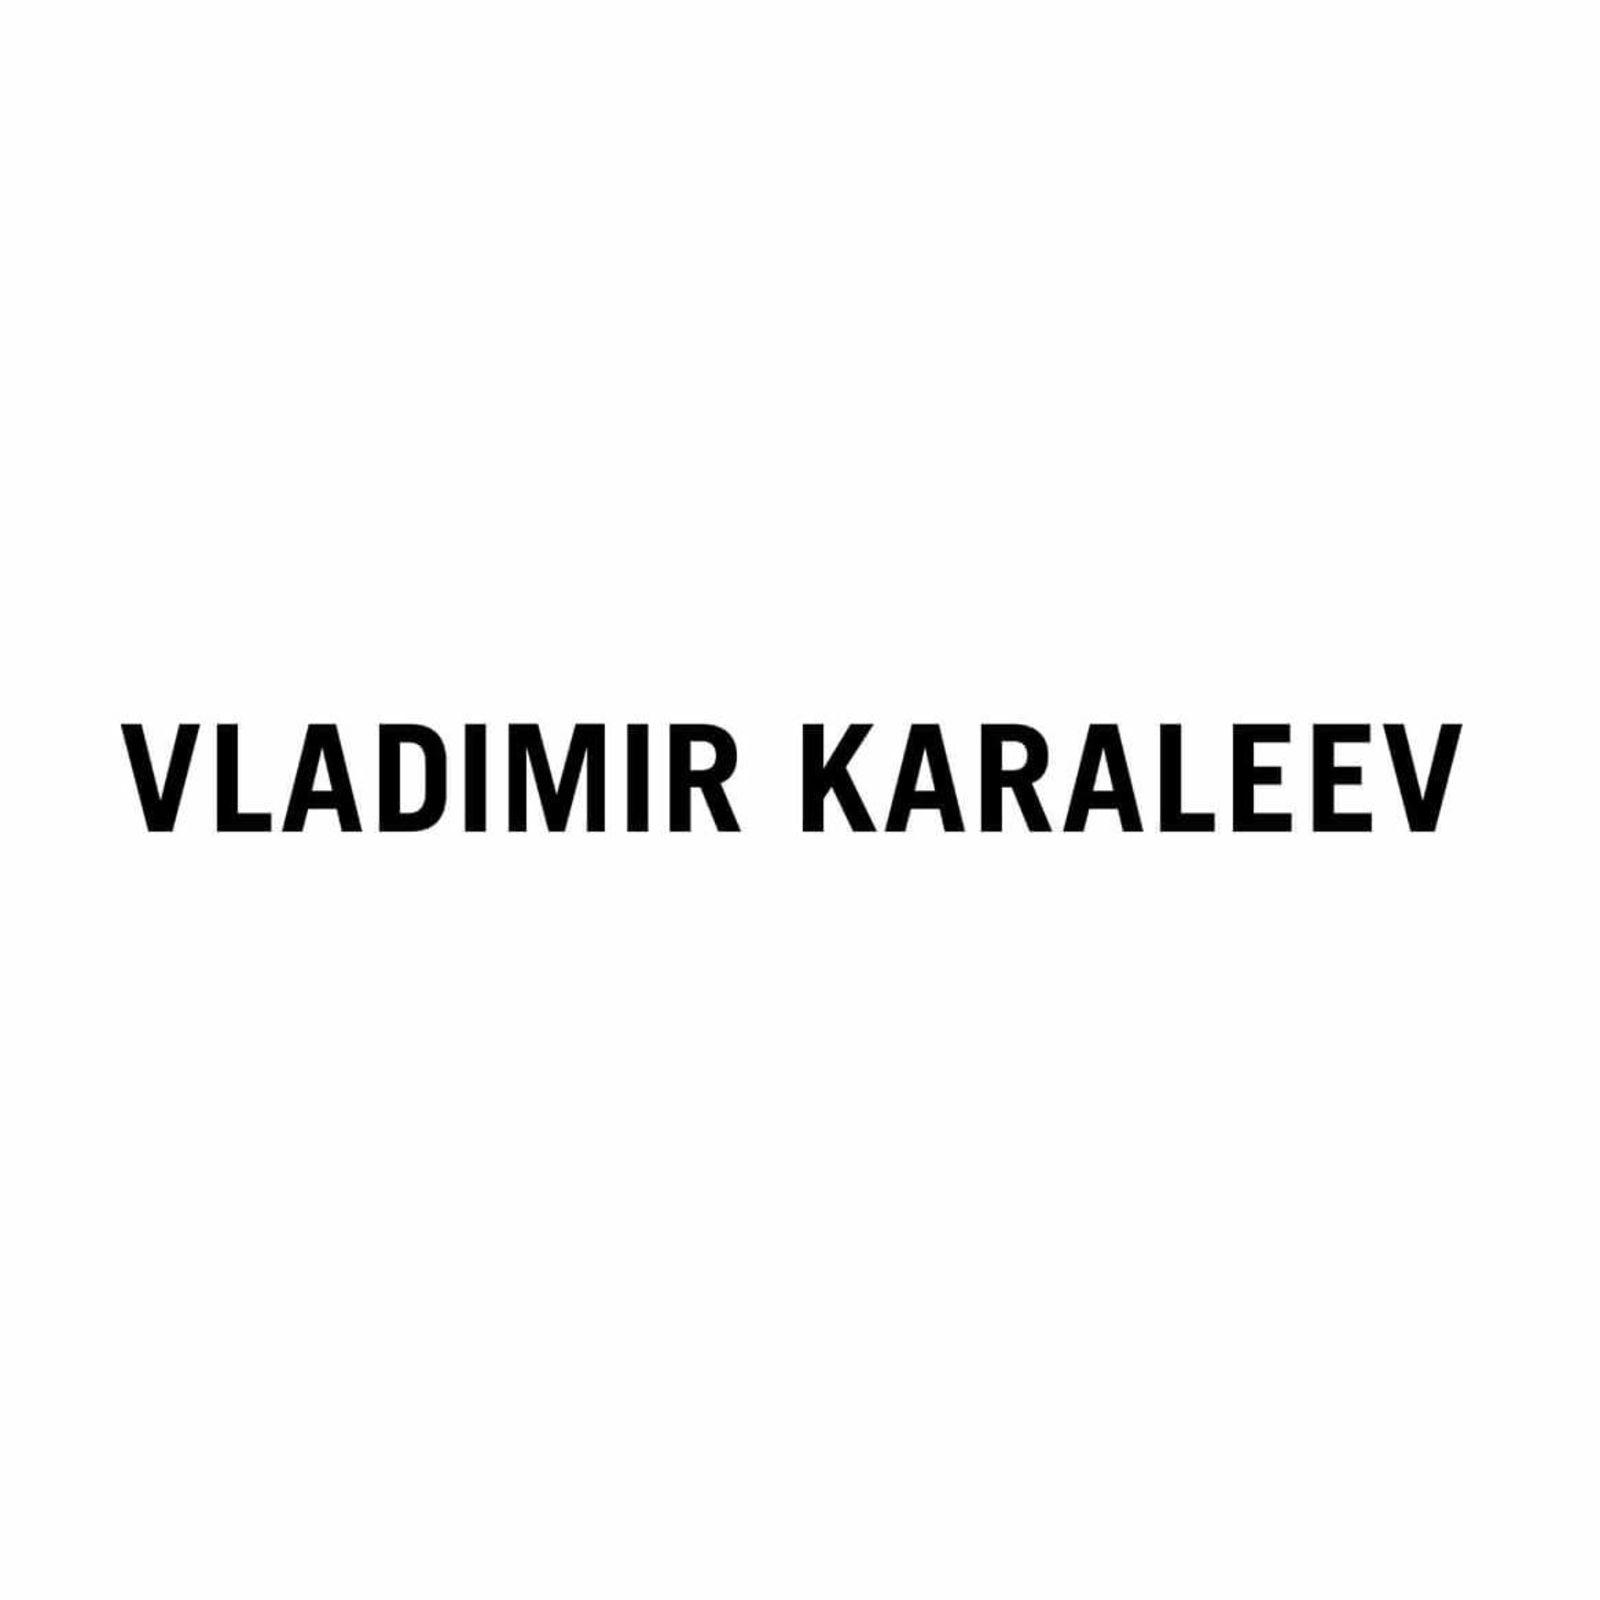 VLADIMIR KARALEEV (Image 1)